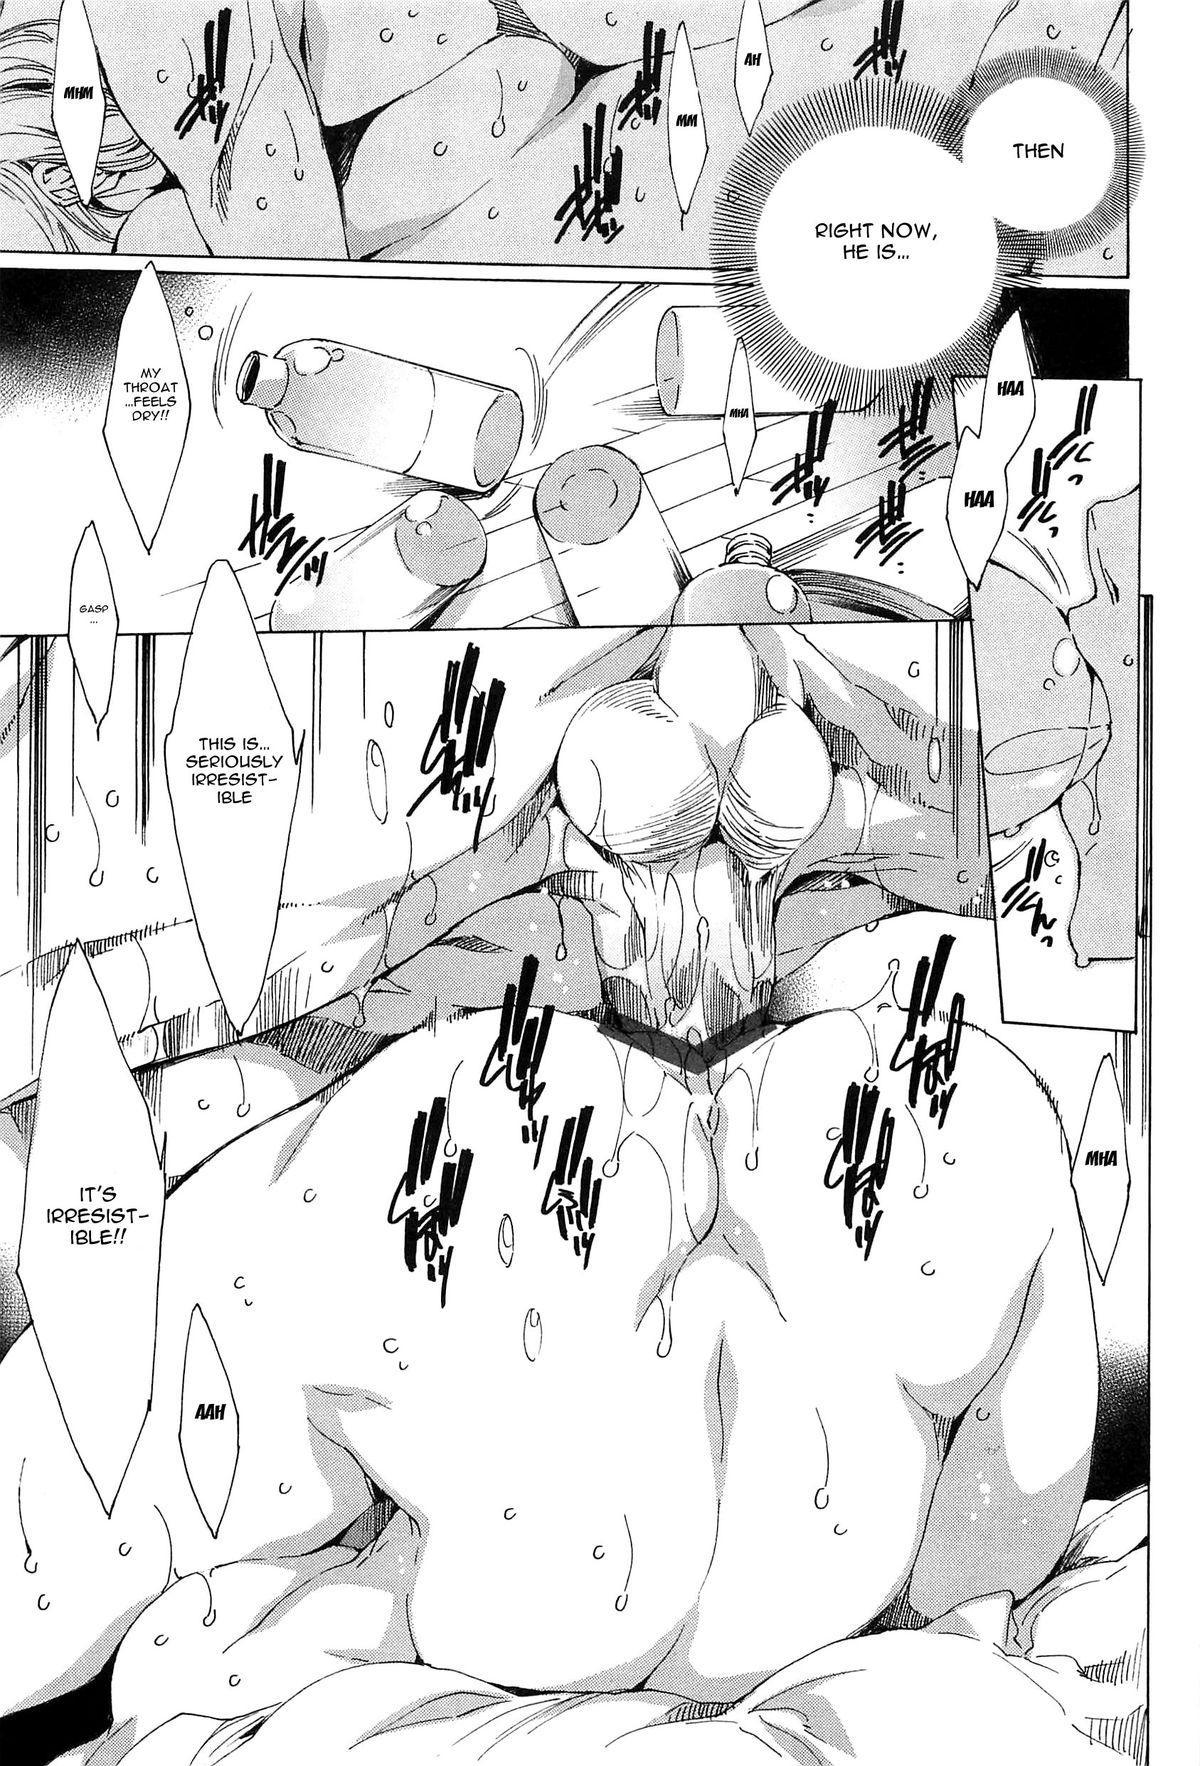 [Yuiga Naoha] Nikuyoku Rensa - NTR Kanojo   Chains of Lust - NTR Girlfriend [English] {doujin-moe.us} 100